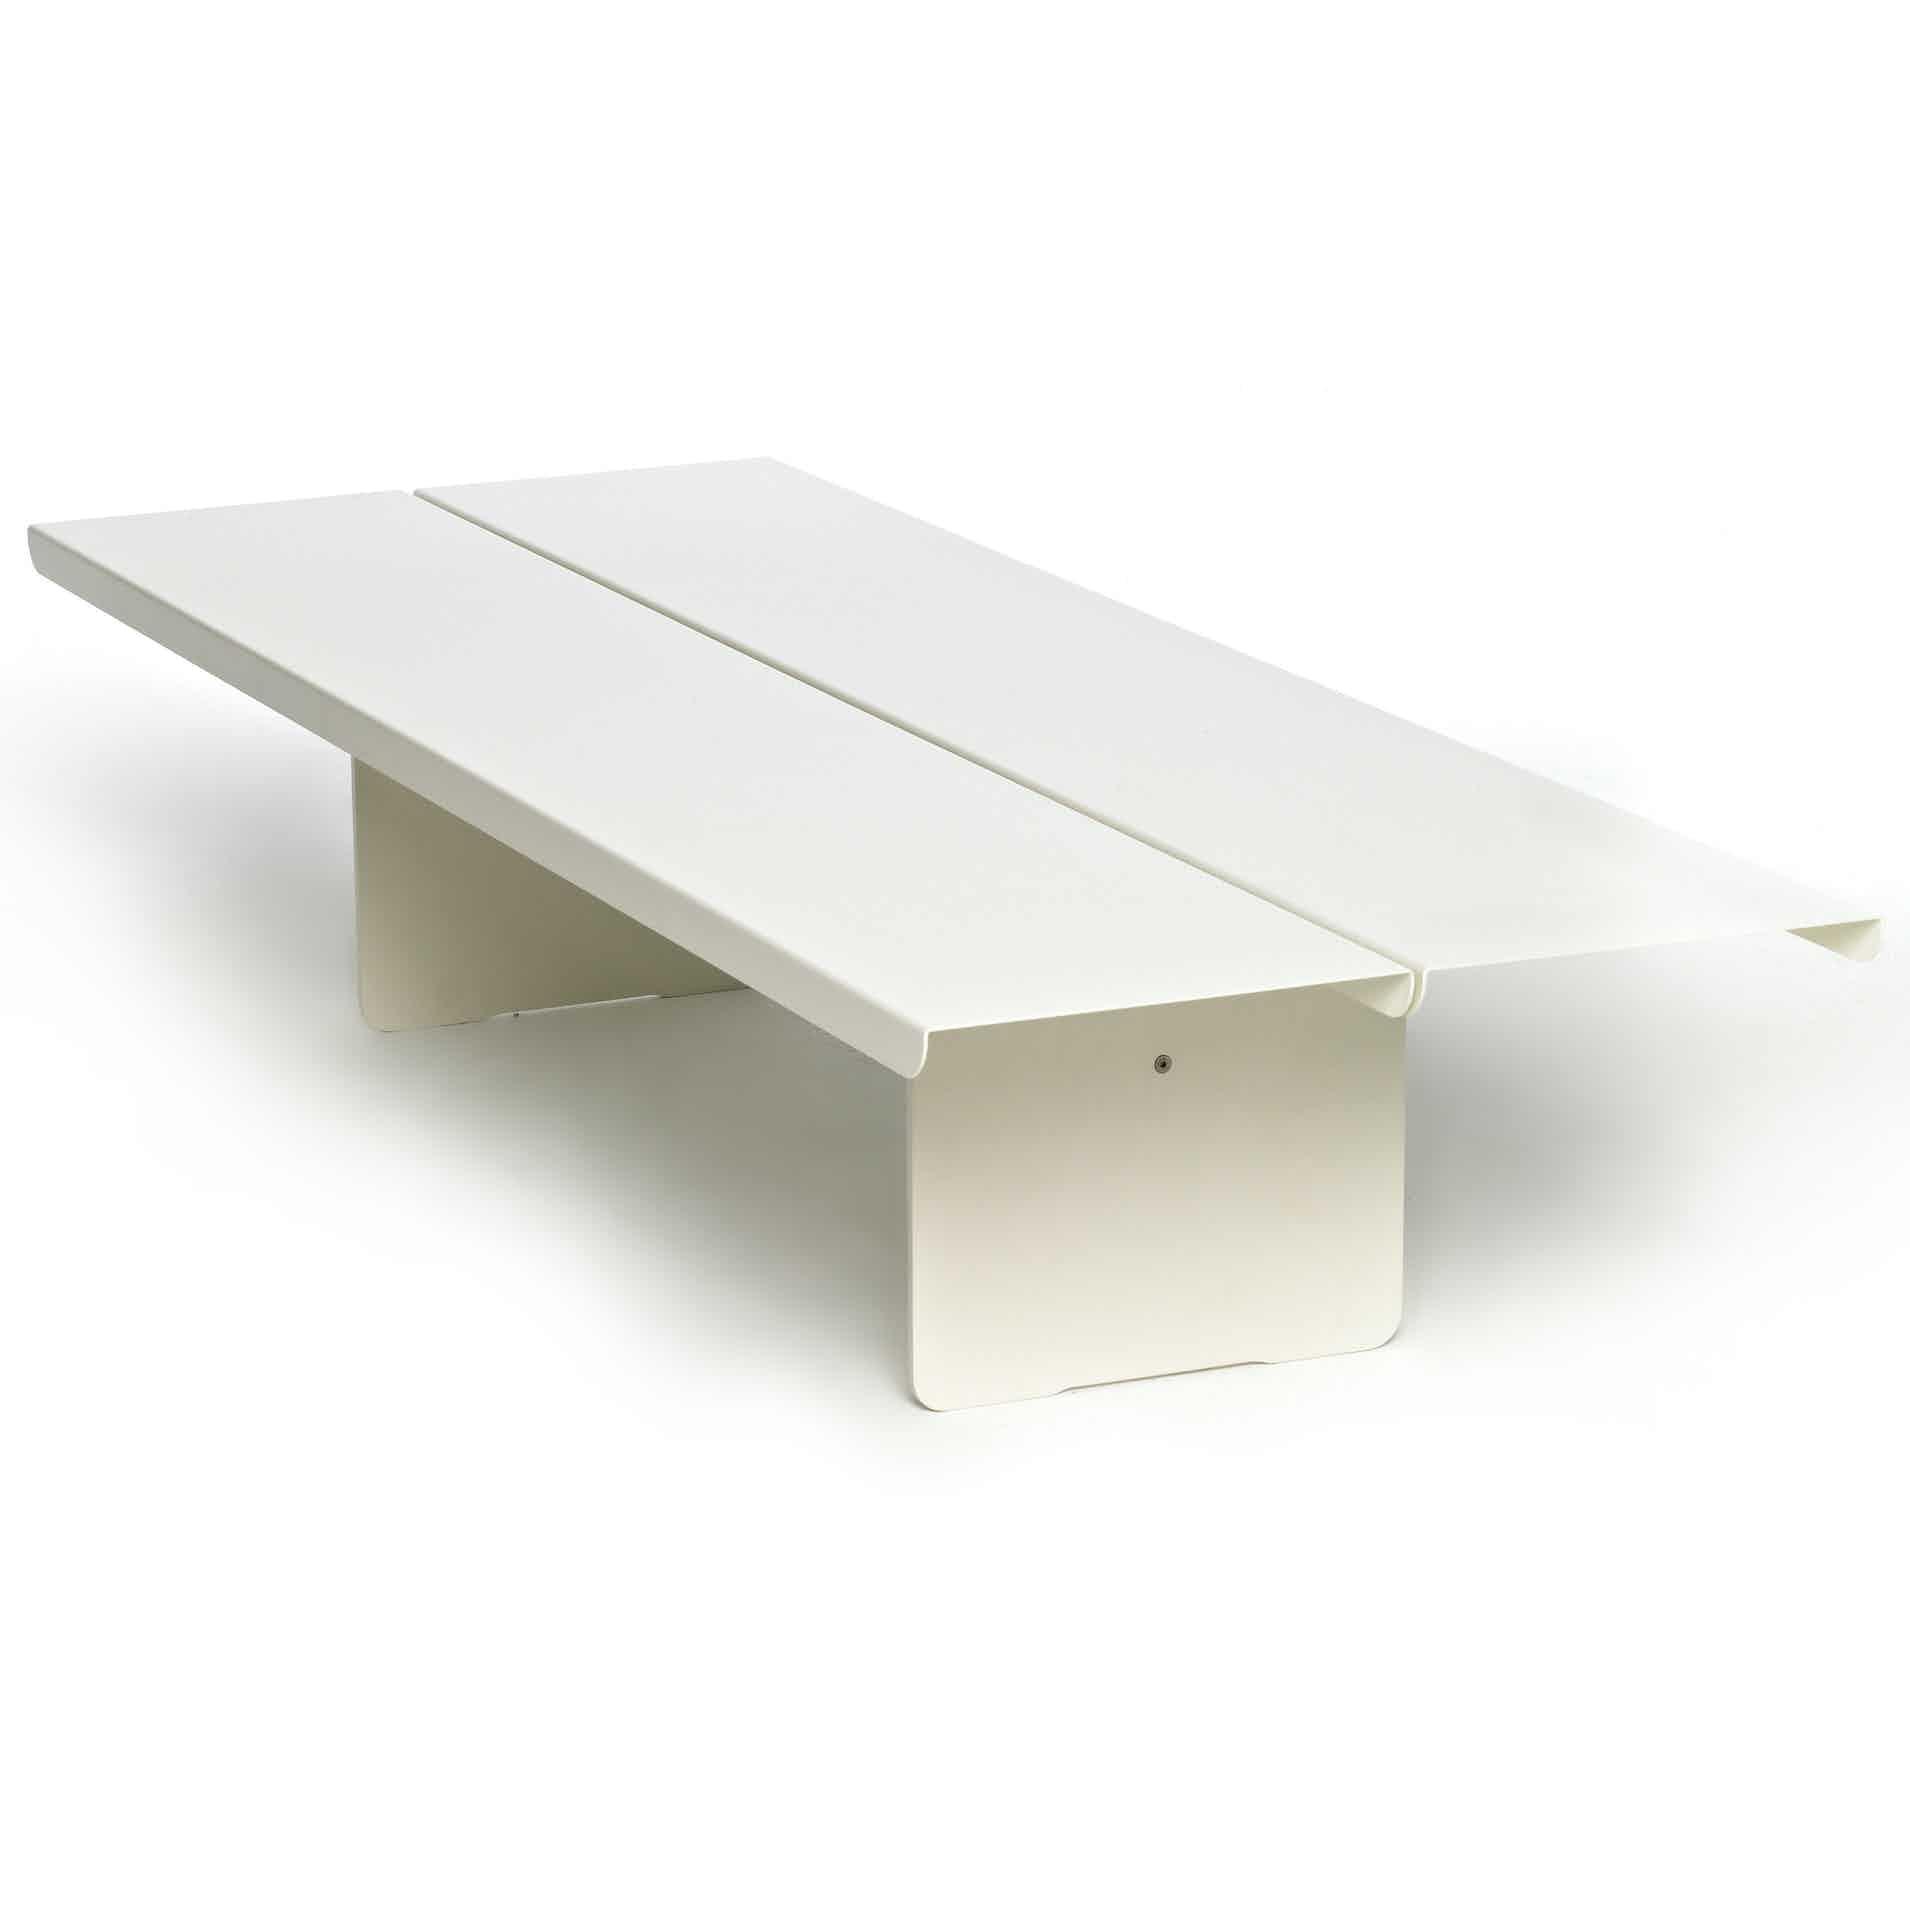 Resident-furniture-flyover-table-long-haute-living